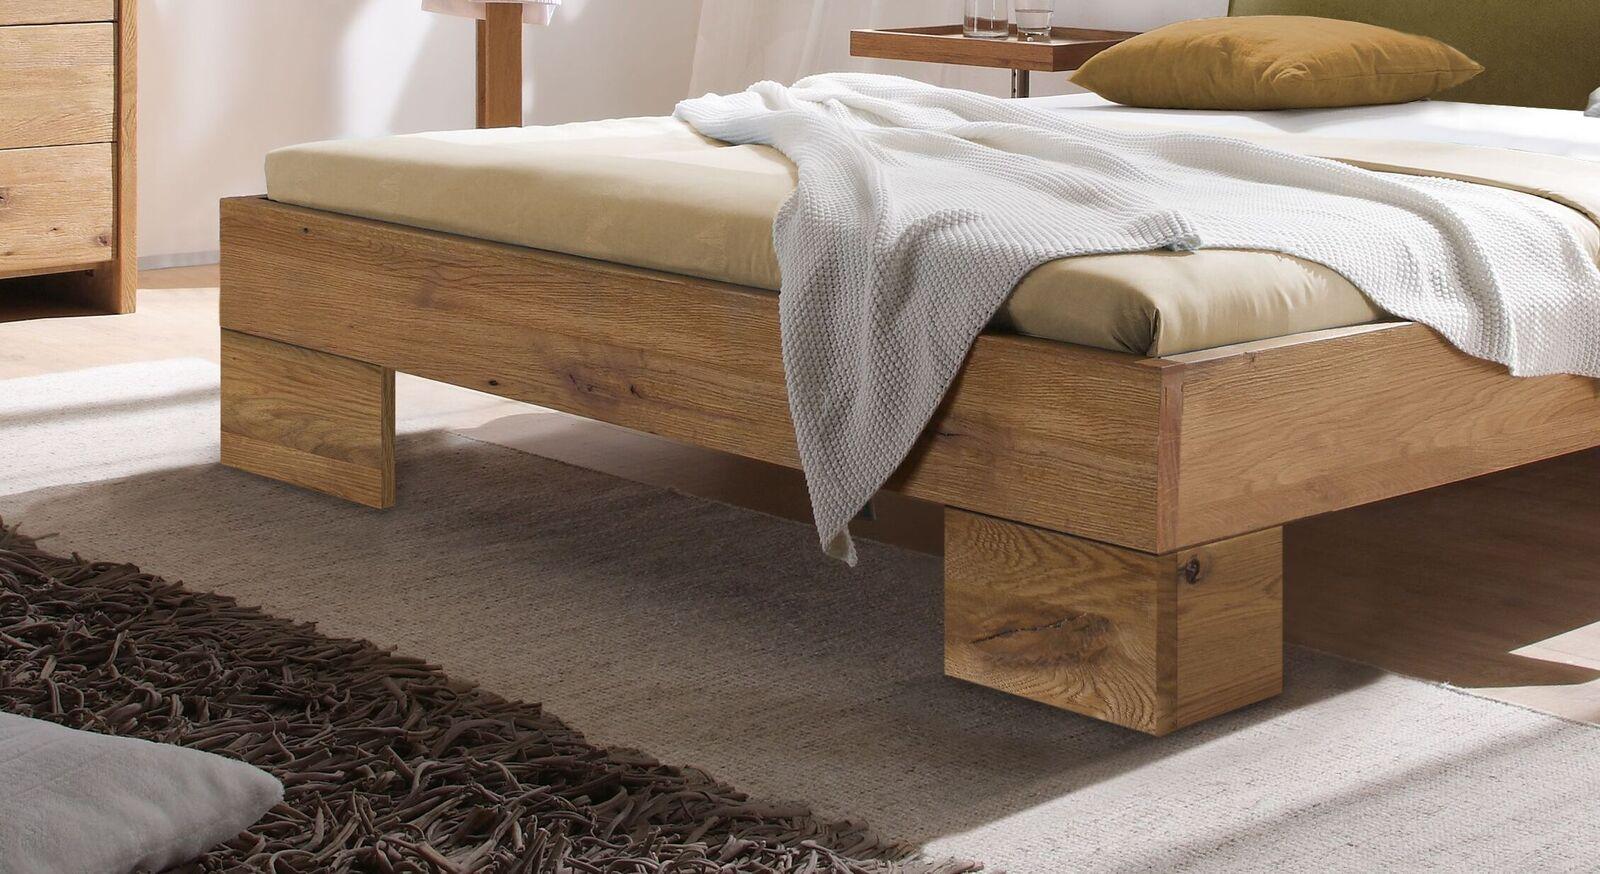 Bett Staffan mit großen Eckfüßen